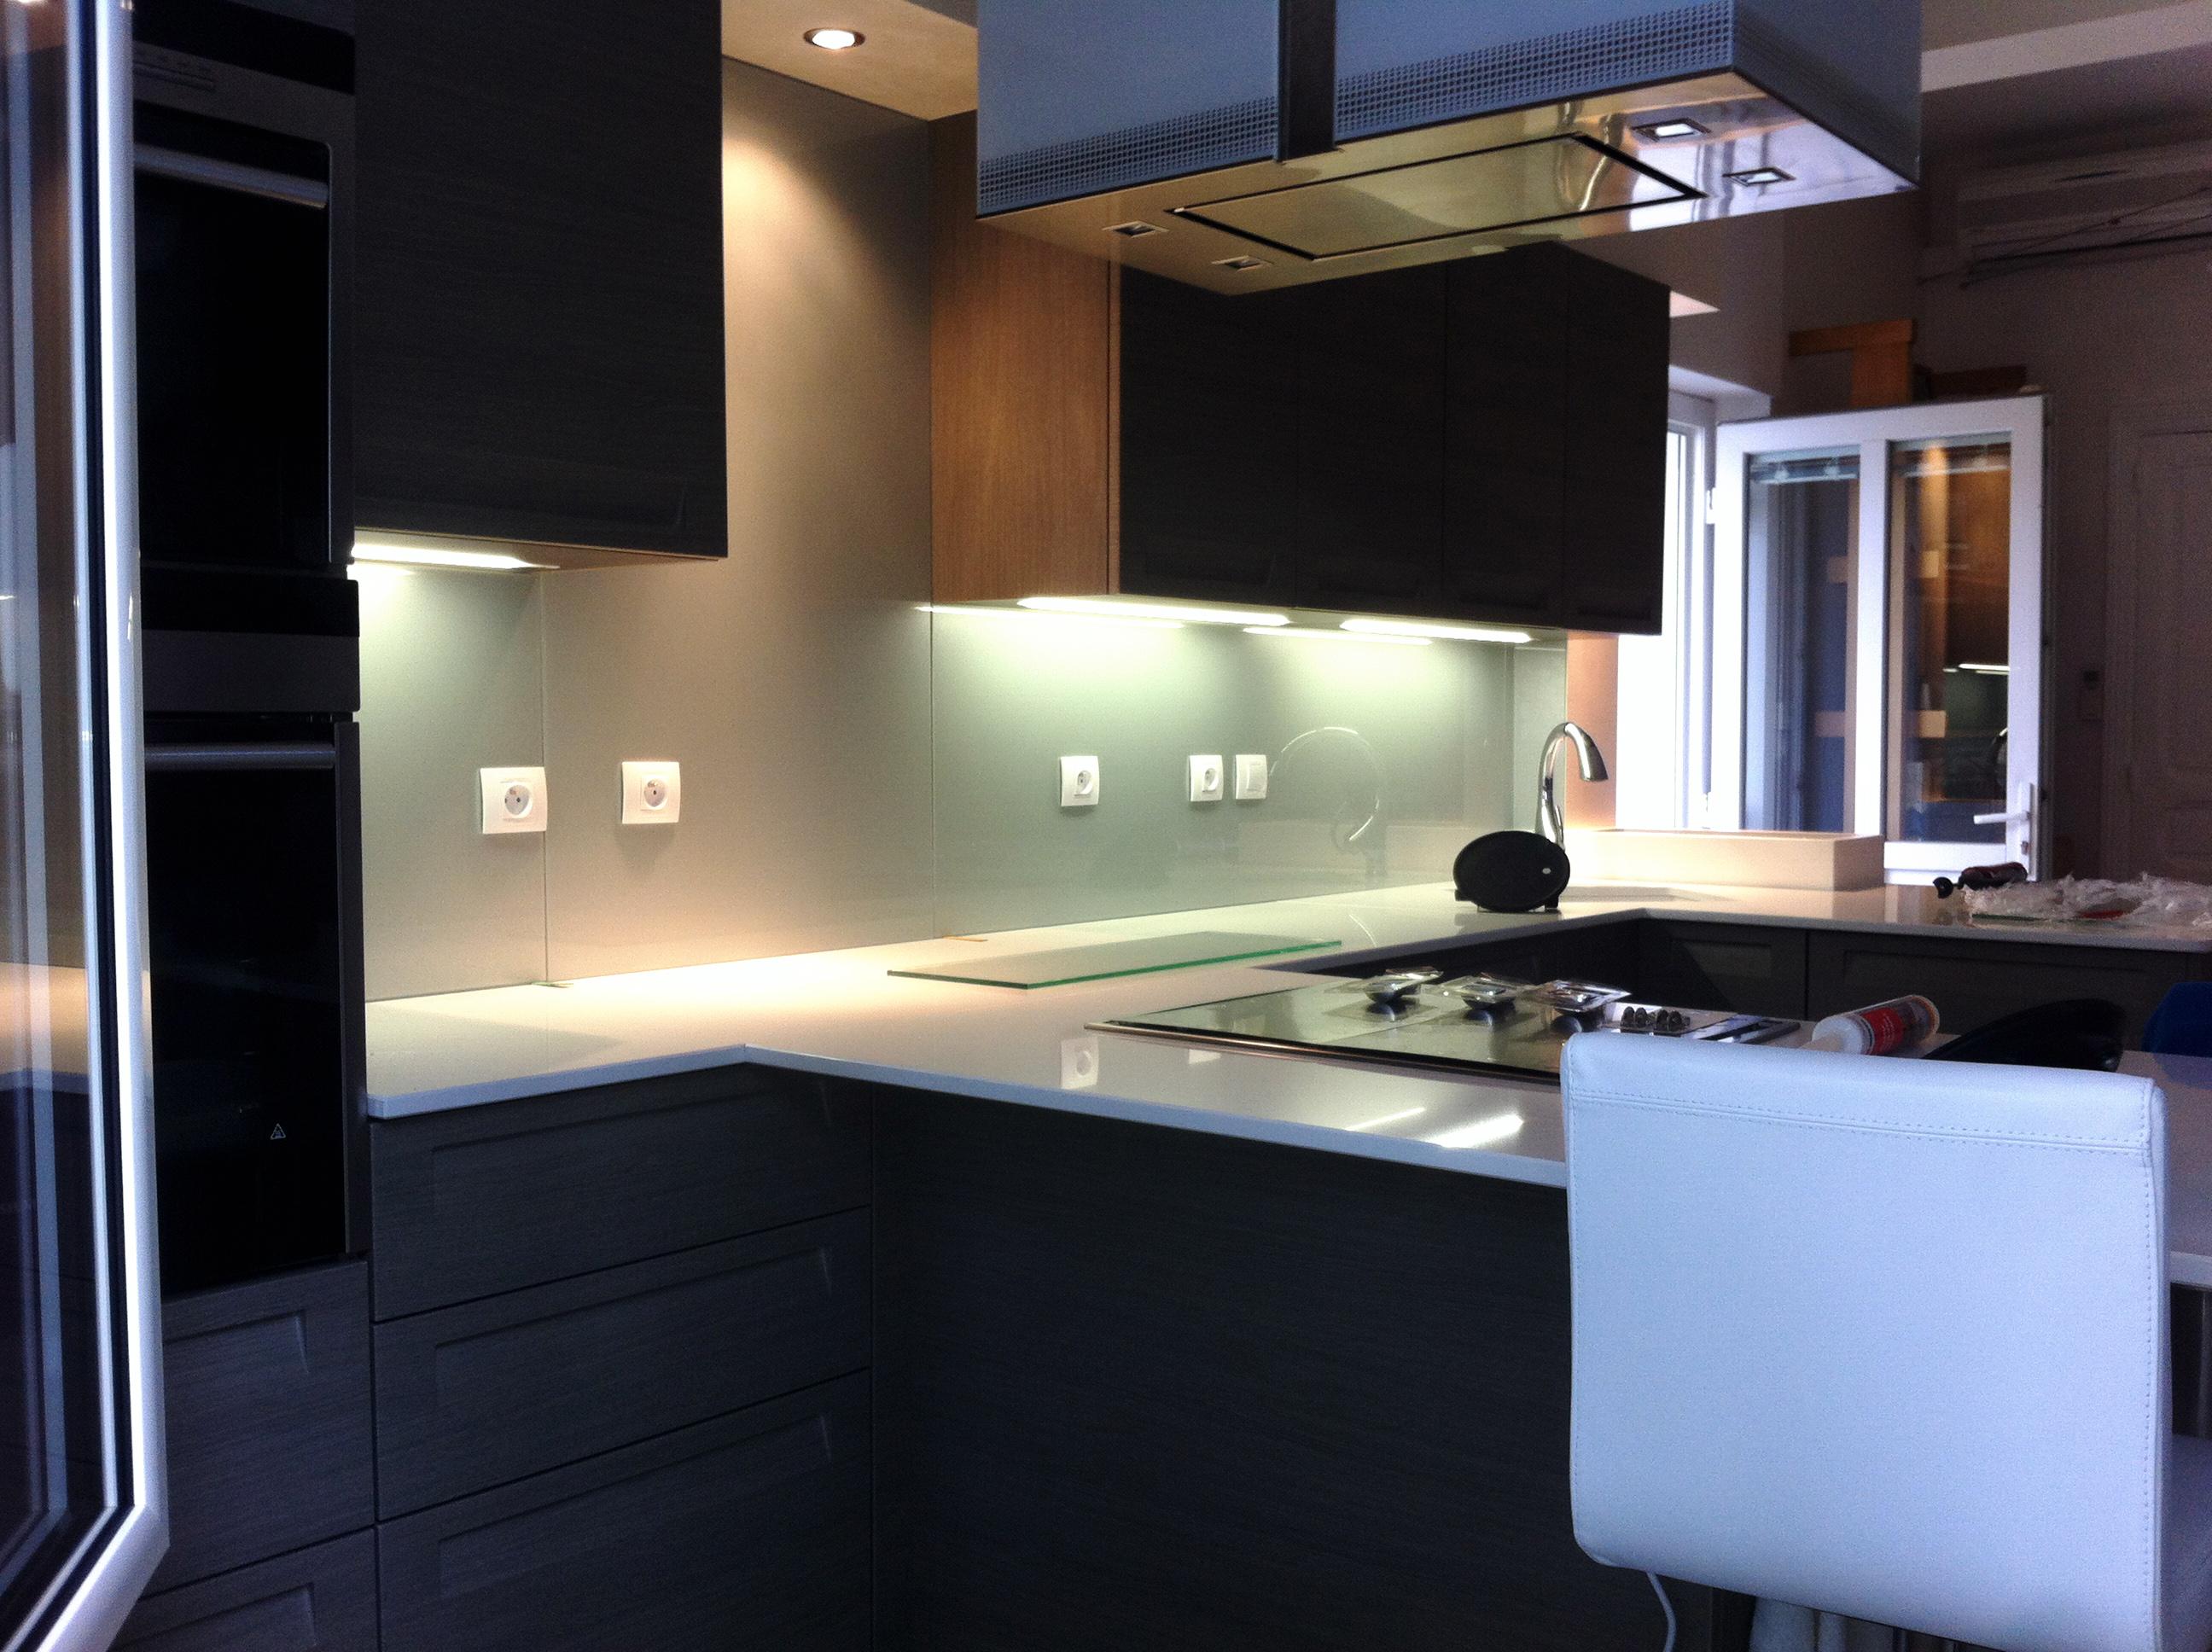 vitrerie miroiterie cr dence en verre noir brillant vitrerie miroiterie. Black Bedroom Furniture Sets. Home Design Ideas